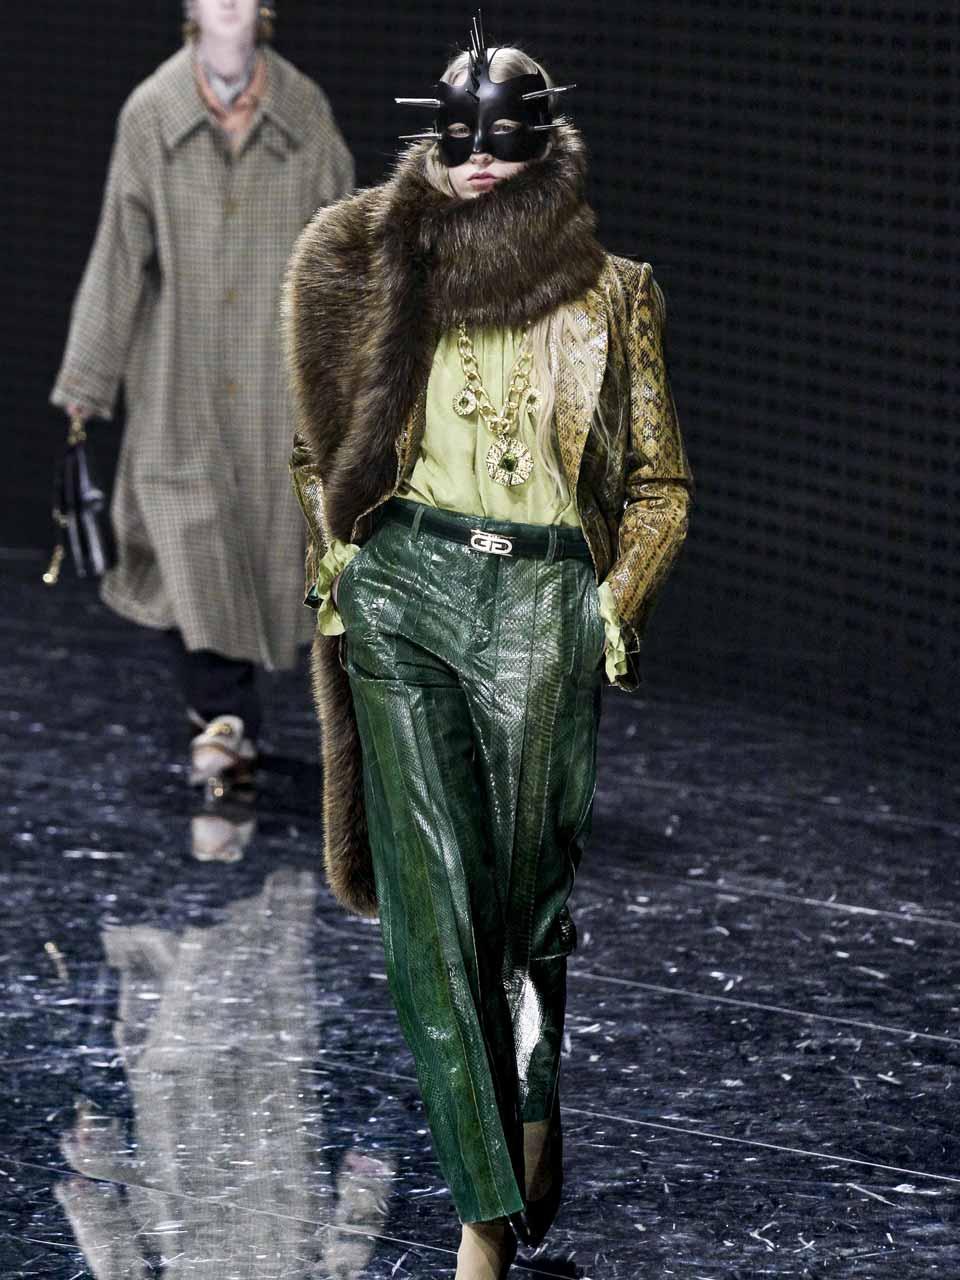 Défilé Gucci automne-hiver 19/20.